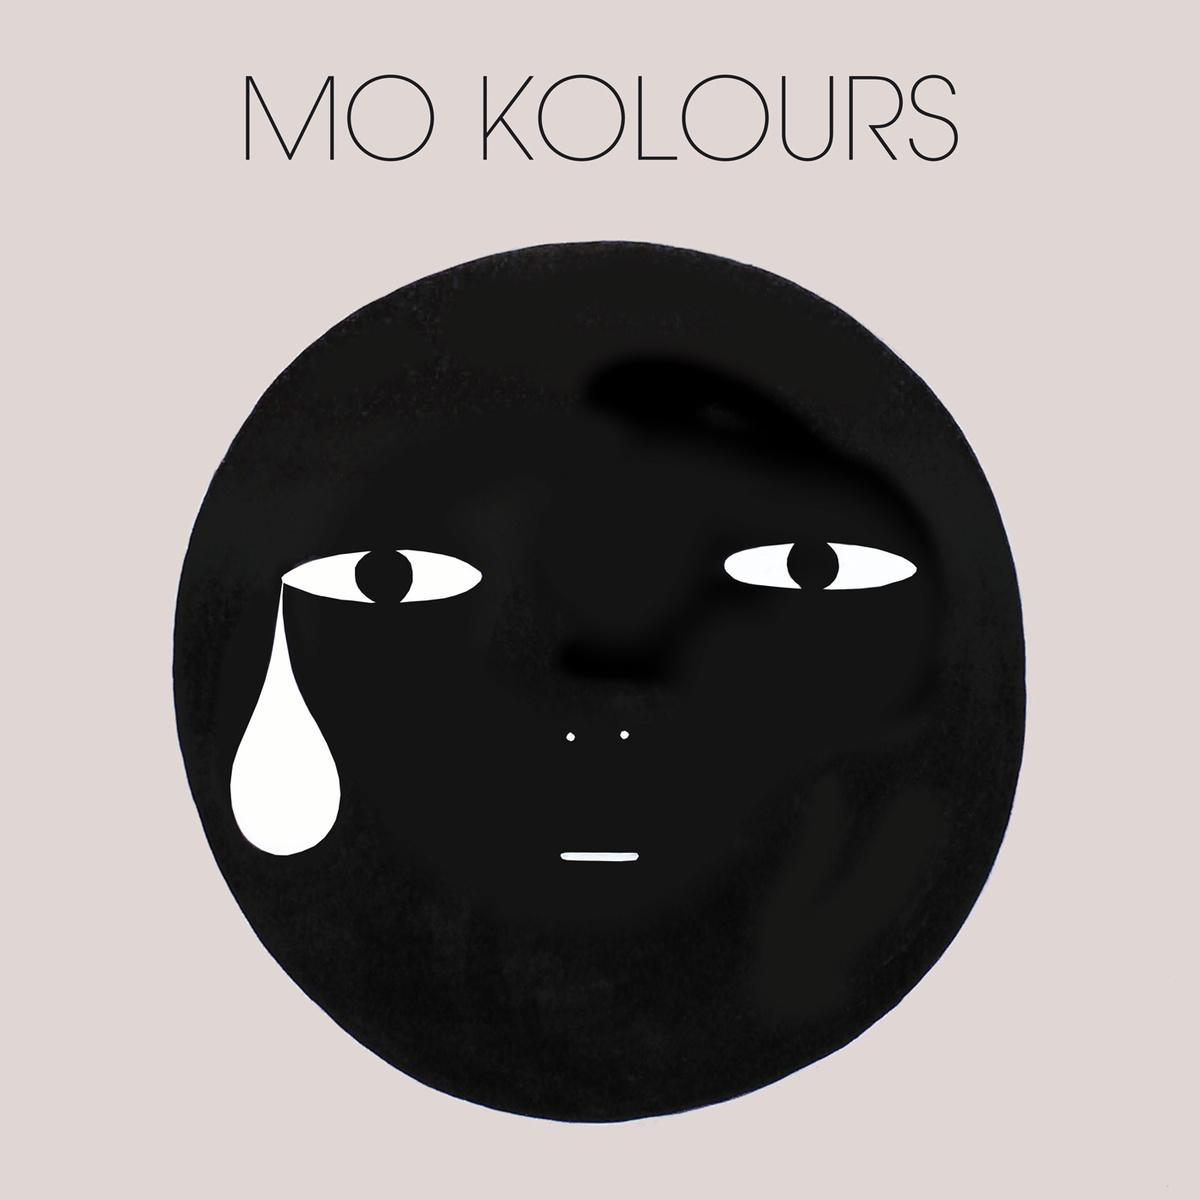 Review: Mo Kolours' Eponymous Album